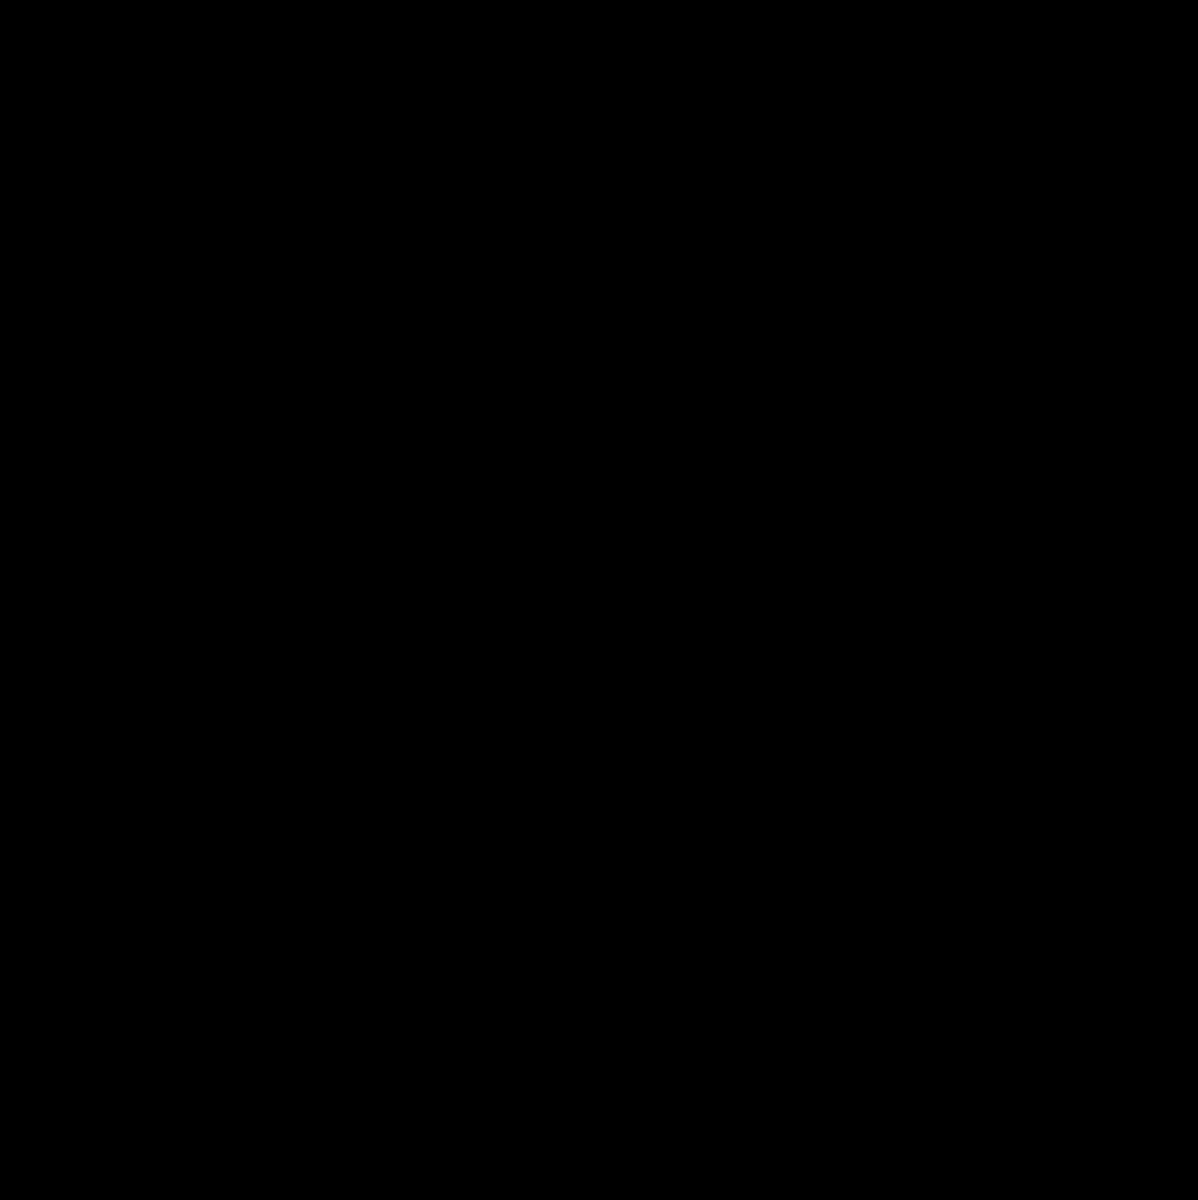 Gadgy Candy Grabber – Snoepgrijpmachine 2.0 met USB-kabel, muntjes, plastic eendjes, 5 muziekjes en timer – Snoepautomaat – werkt met USB-kabel of AA batterijen